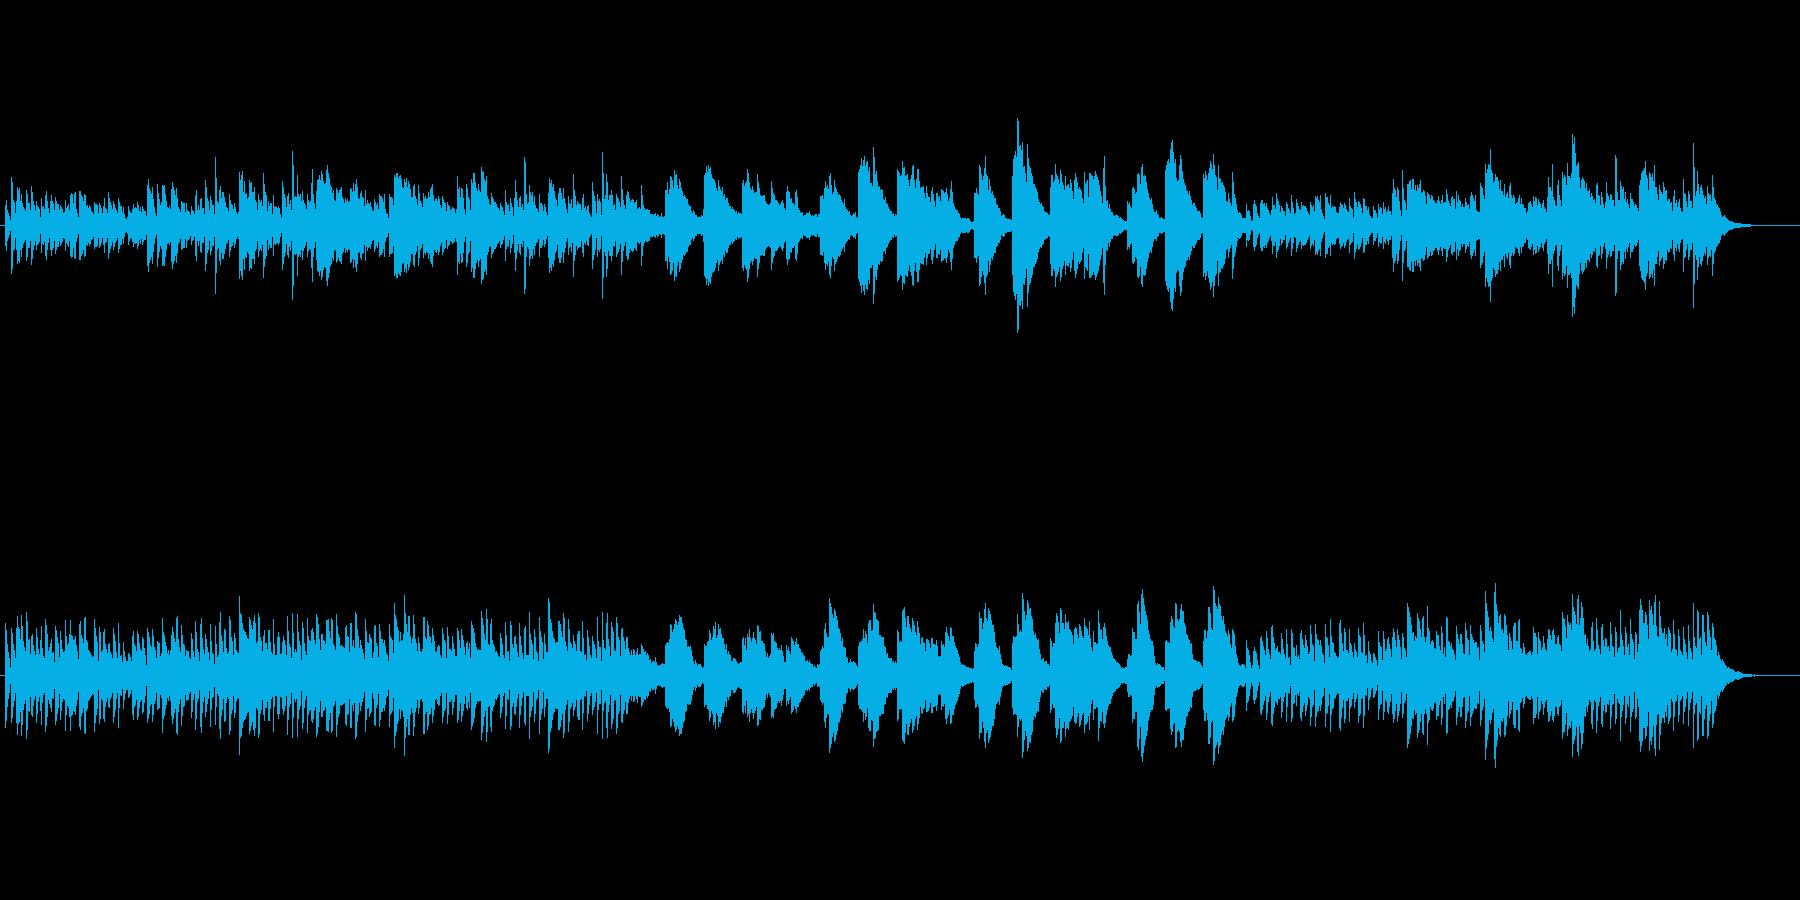 雨をイメージしたピアノBGMの再生済みの波形